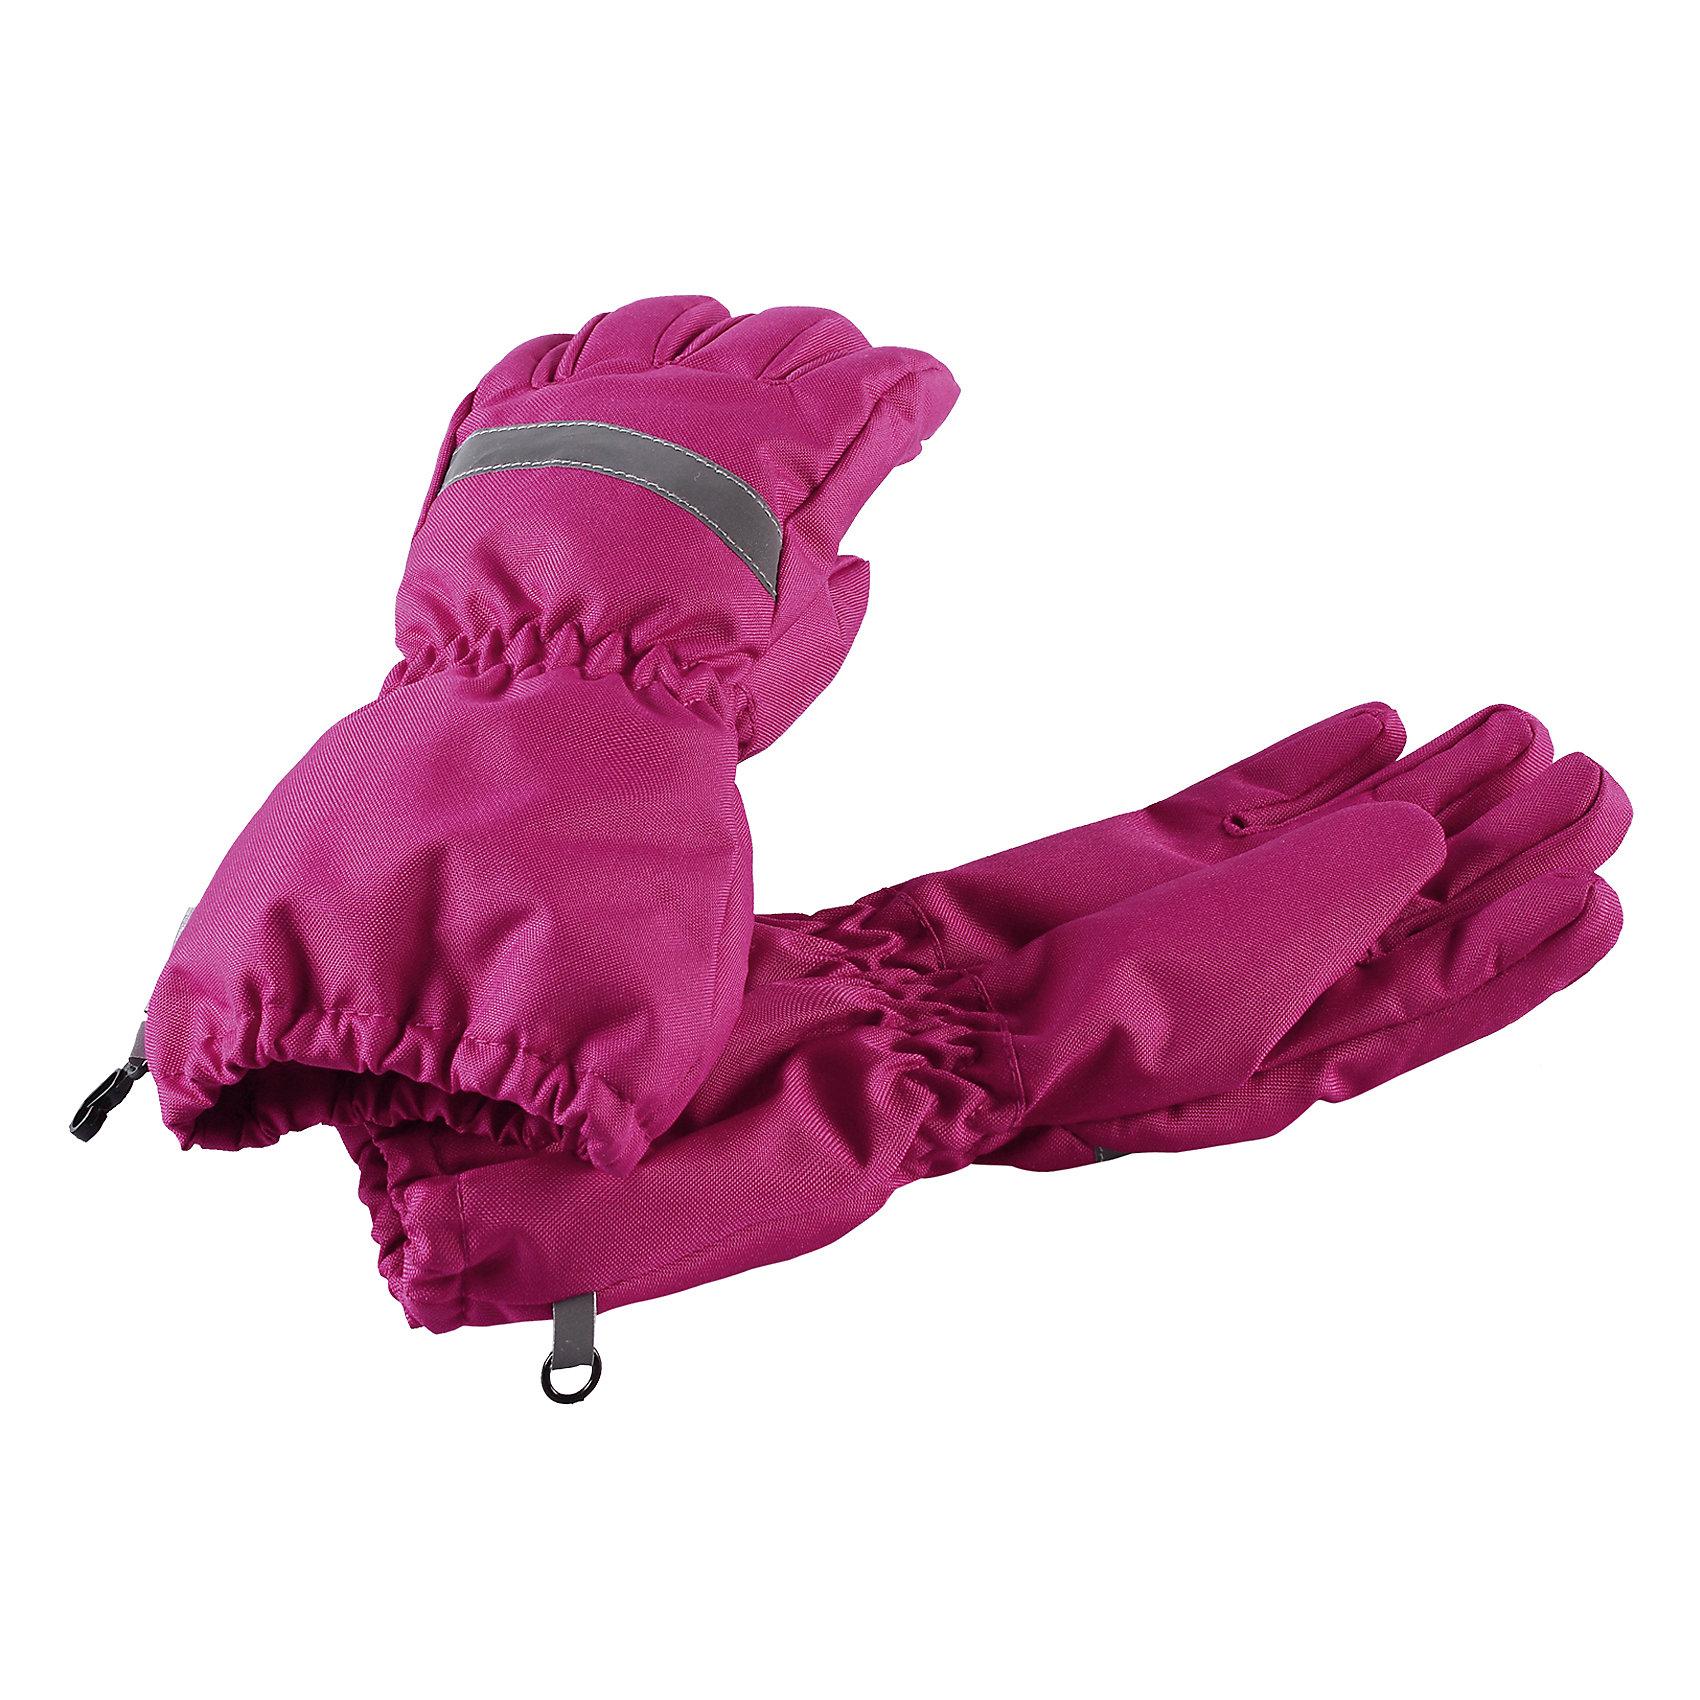 Перчатки LassieПерчатки и варежки<br>Характеристики товара:<br><br>• цвет: розовый;<br>• состав: 100% полиэстер;<br>• подкладка: 100% полиэстер с начесом;<br>• утеплитель: 120 г/м2;<br>• сезон: зима;<br>• температурный режим: от 0 до -20С;<br>• водонепроницаемость: 1000 мм;<br>• воздухопроницаемость: 1000 мм;<br>• износостойкость: 50000 циклов (тест Мартиндейла);<br>• особенности: мембранные;<br>• водоотталкивающий, ветронепроницаемый и грязеотталкивающий материал;<br>• подкладка из полиэстера с начесом; <br>• сверхпрочный материал;<br>• светоотражающие детали; <br>• страна бренда: Финляндия;<br>• страна изготовитель: Китай;<br><br>Эти детские перчатки созданы, чтобы ручки оставались теплыми и сухими во время активных зимних прогулок. Они изготовлены из сверхпрочного материала с гладкой трикотажной подкладкой внутри. <br><br>Перчатки Lassie (Ласси) можно купить в нашем интернет-магазине.<br><br>Ширина мм: 162<br>Глубина мм: 171<br>Высота мм: 55<br>Вес г: 119<br>Цвет: розовый<br>Возраст от месяцев: 96<br>Возраст до месяцев: 120<br>Пол: Унисекс<br>Возраст: Детский<br>Размер: 6,3,4,5<br>SKU: 6928051